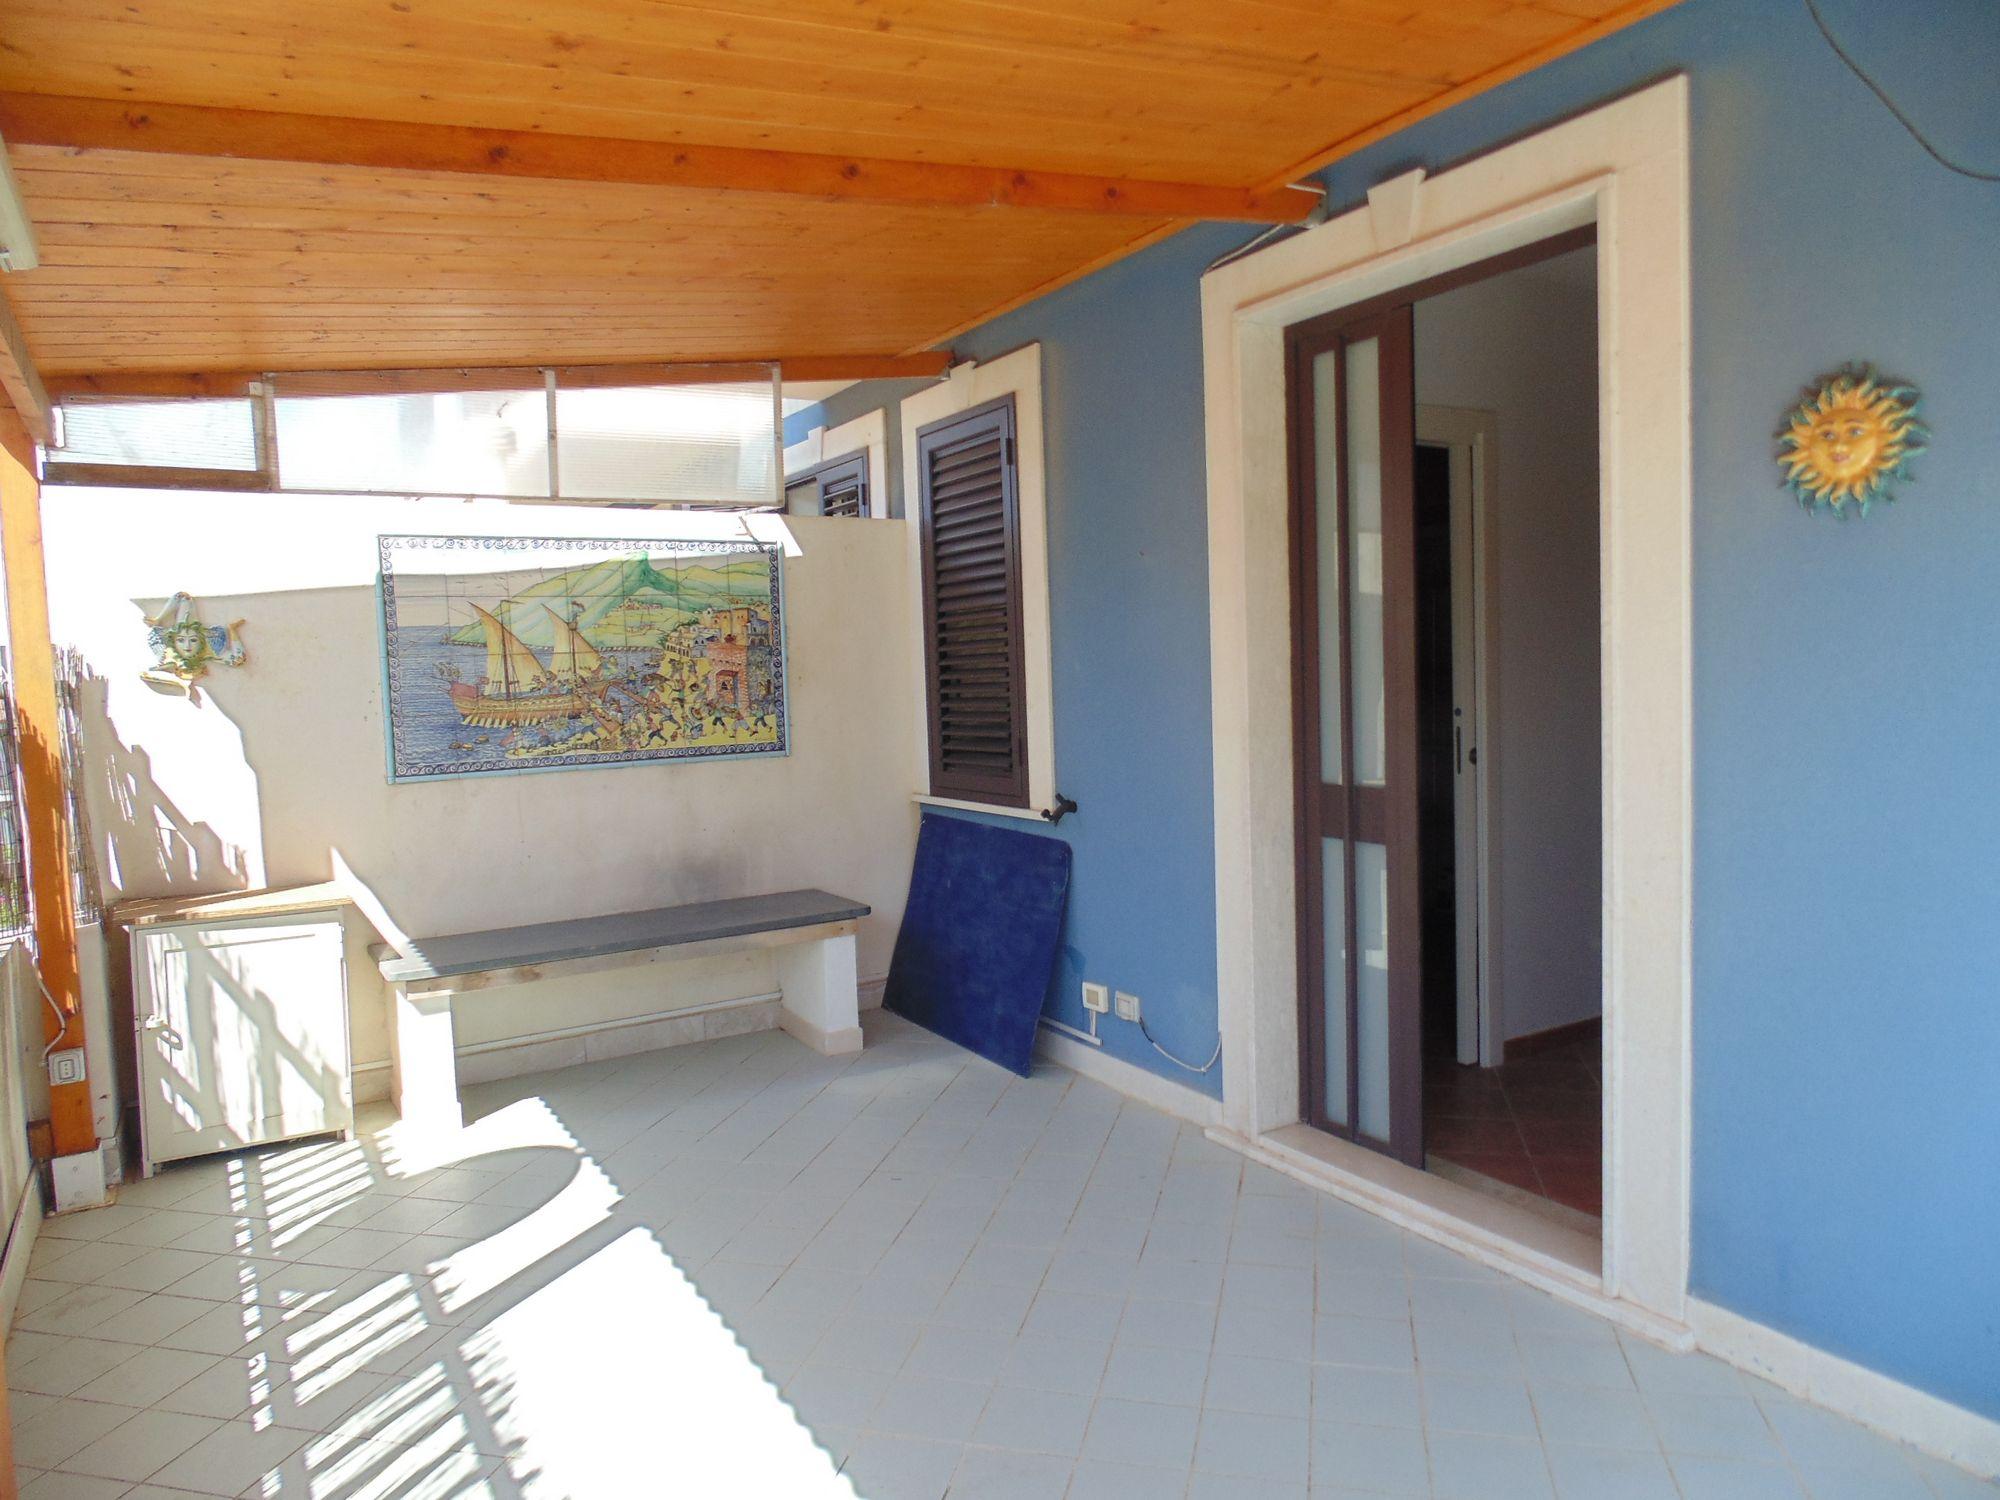 Appartamento di circa 45 mq, di recente costruzione, con area esterna di pertinenza esclusiva, attrezzata con barbecue. Si compone di una cucina abitabile, una camera da letto matrimoniale e un bagno.    ...